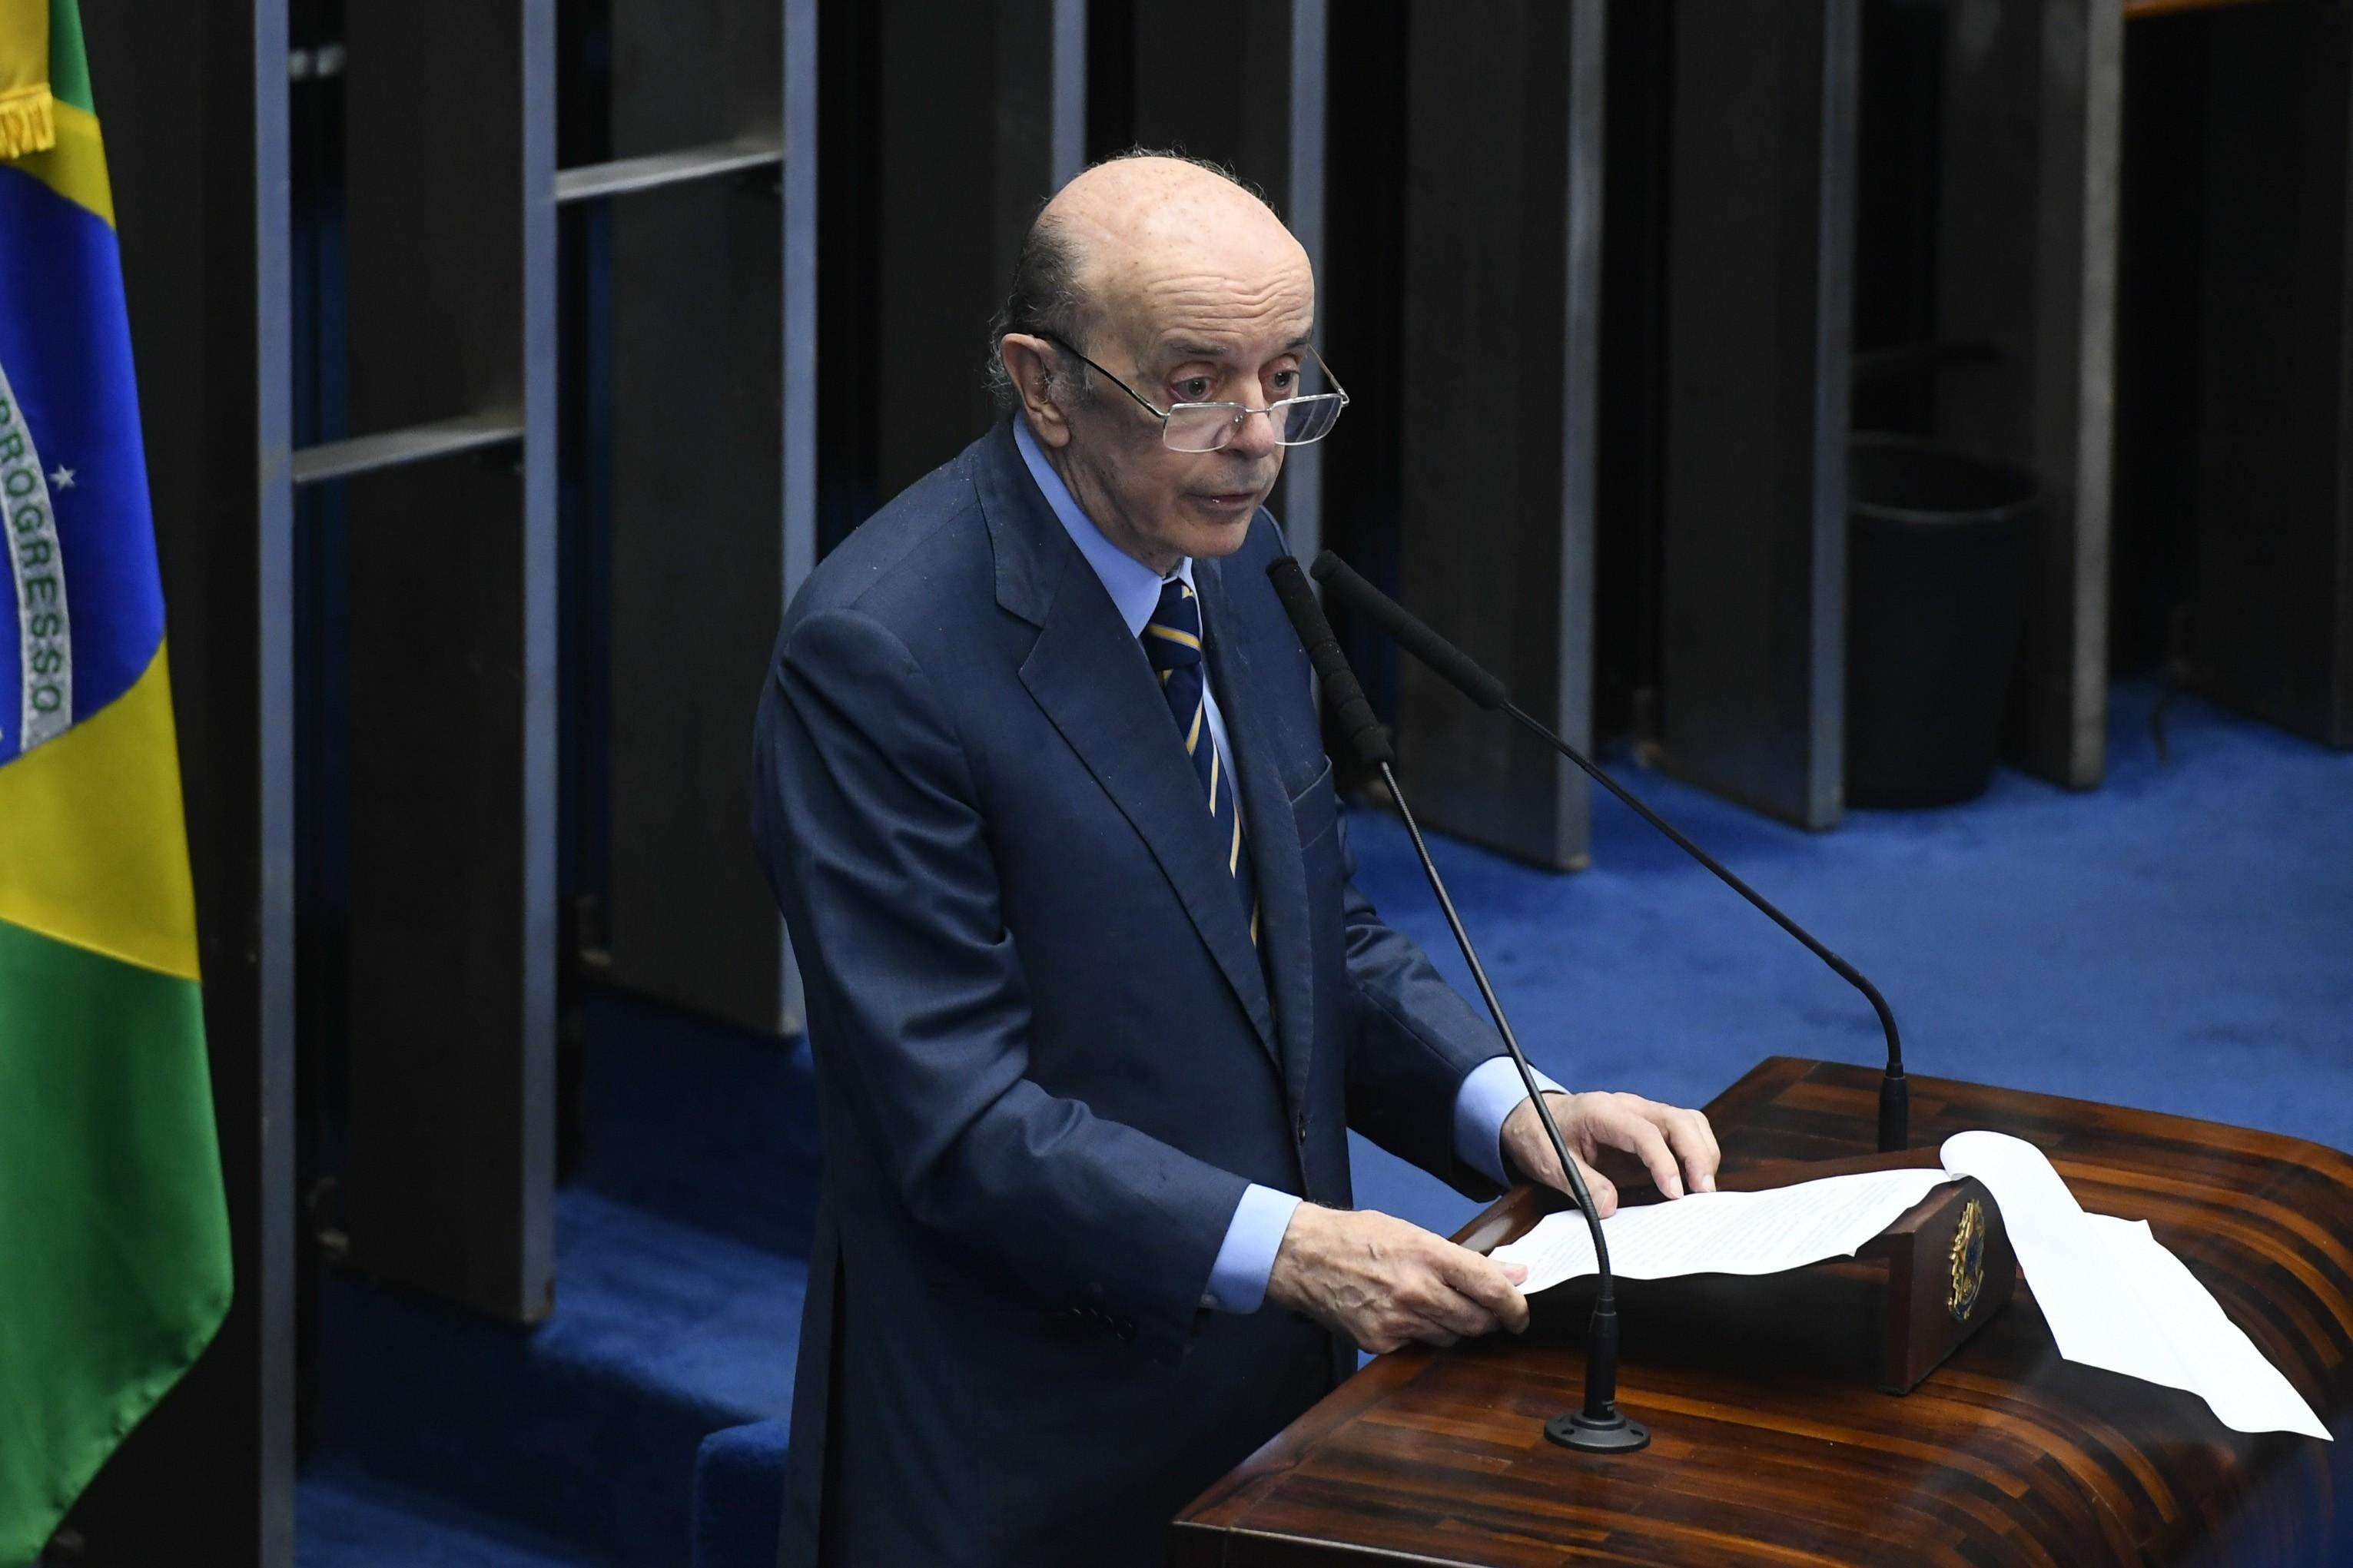 Ao falar sobre denúncia contra Serra, Doria diz apoiar investigações da Lava Jato, 'mas jamais condenar por antecipação'